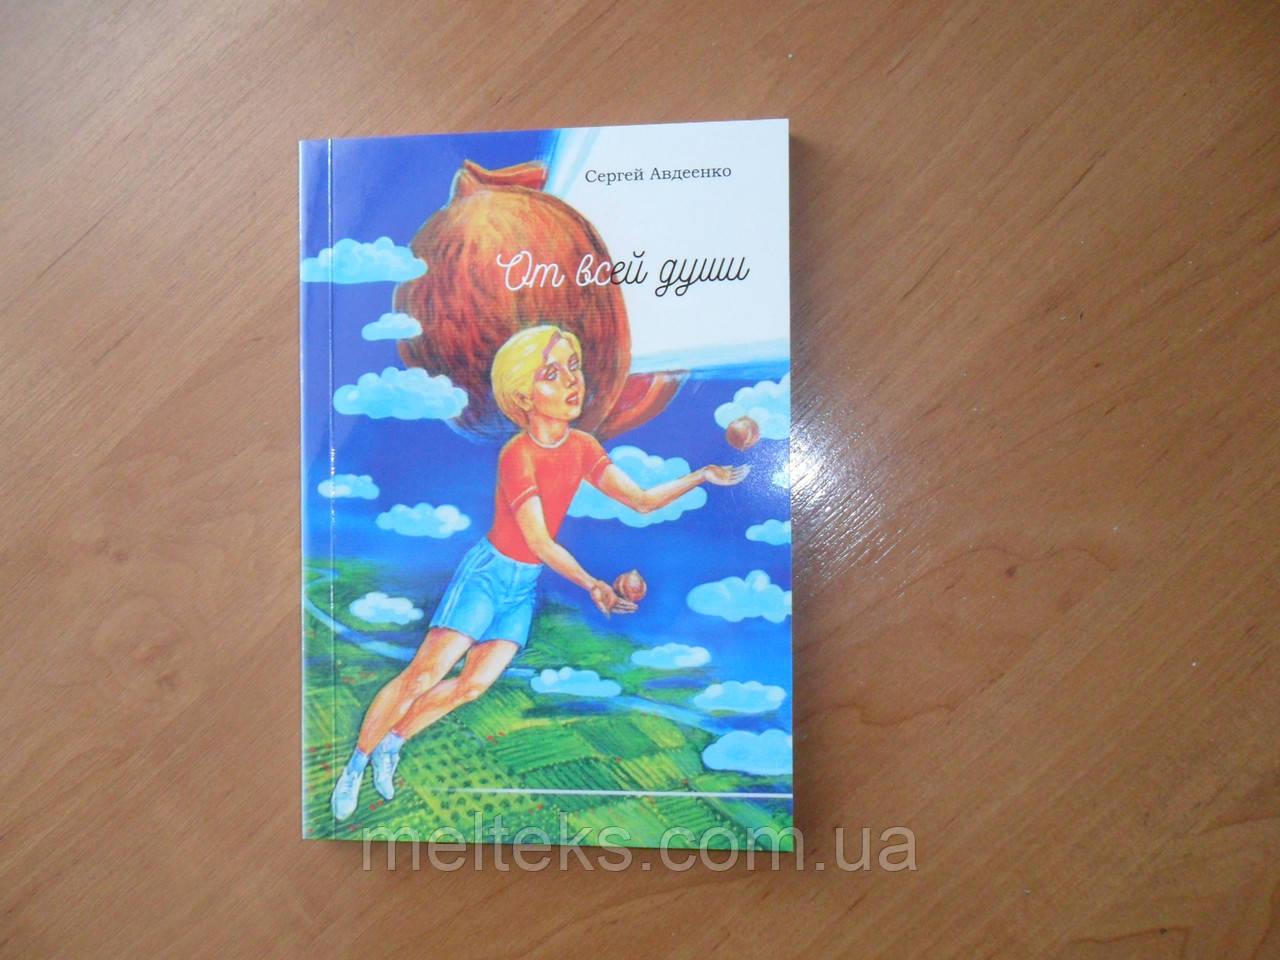 От всей души (книга Сергея Авдеенко)